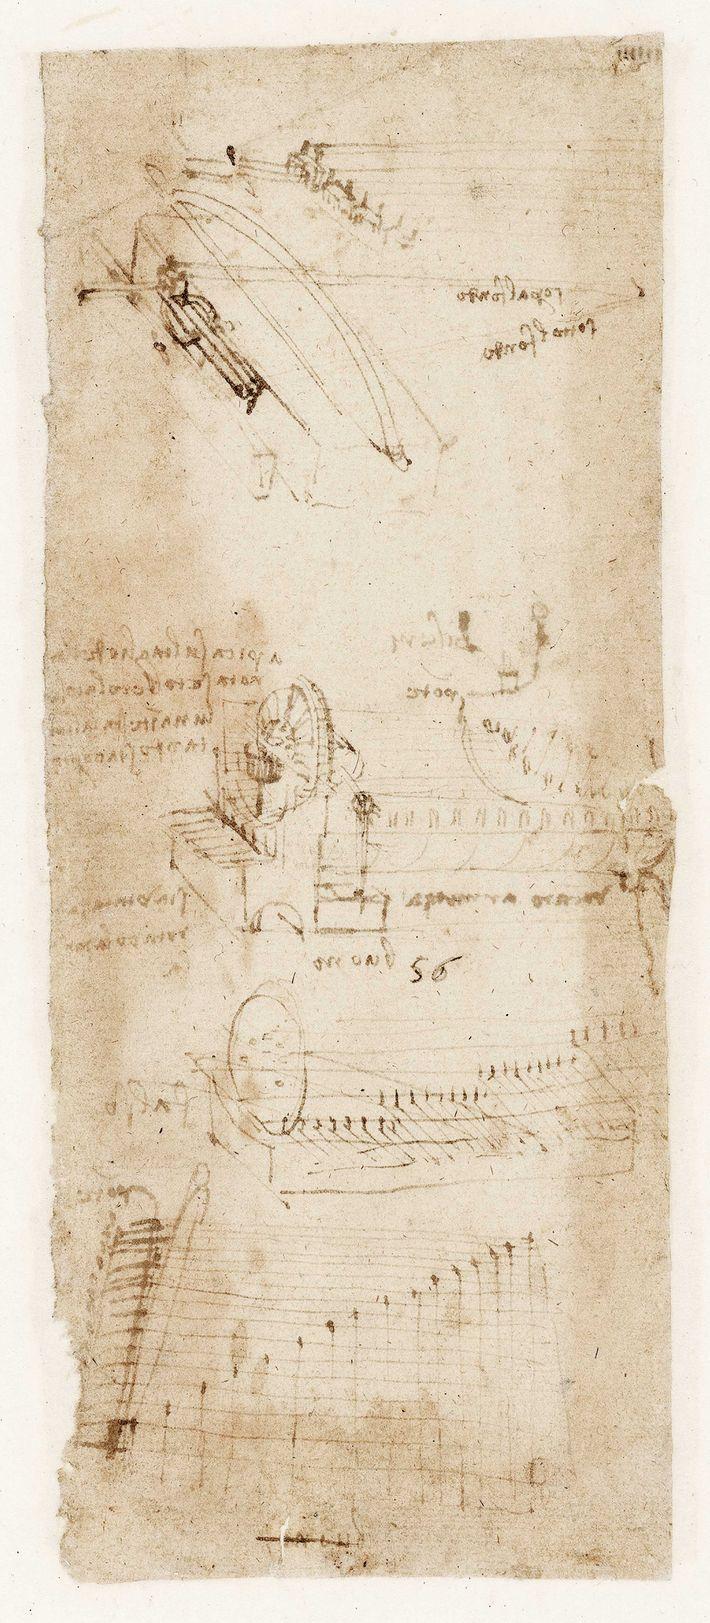 Léonard étudie l'acoustique, chante et improvise des mélodies sur sa lyre à bras (un instrument à ...